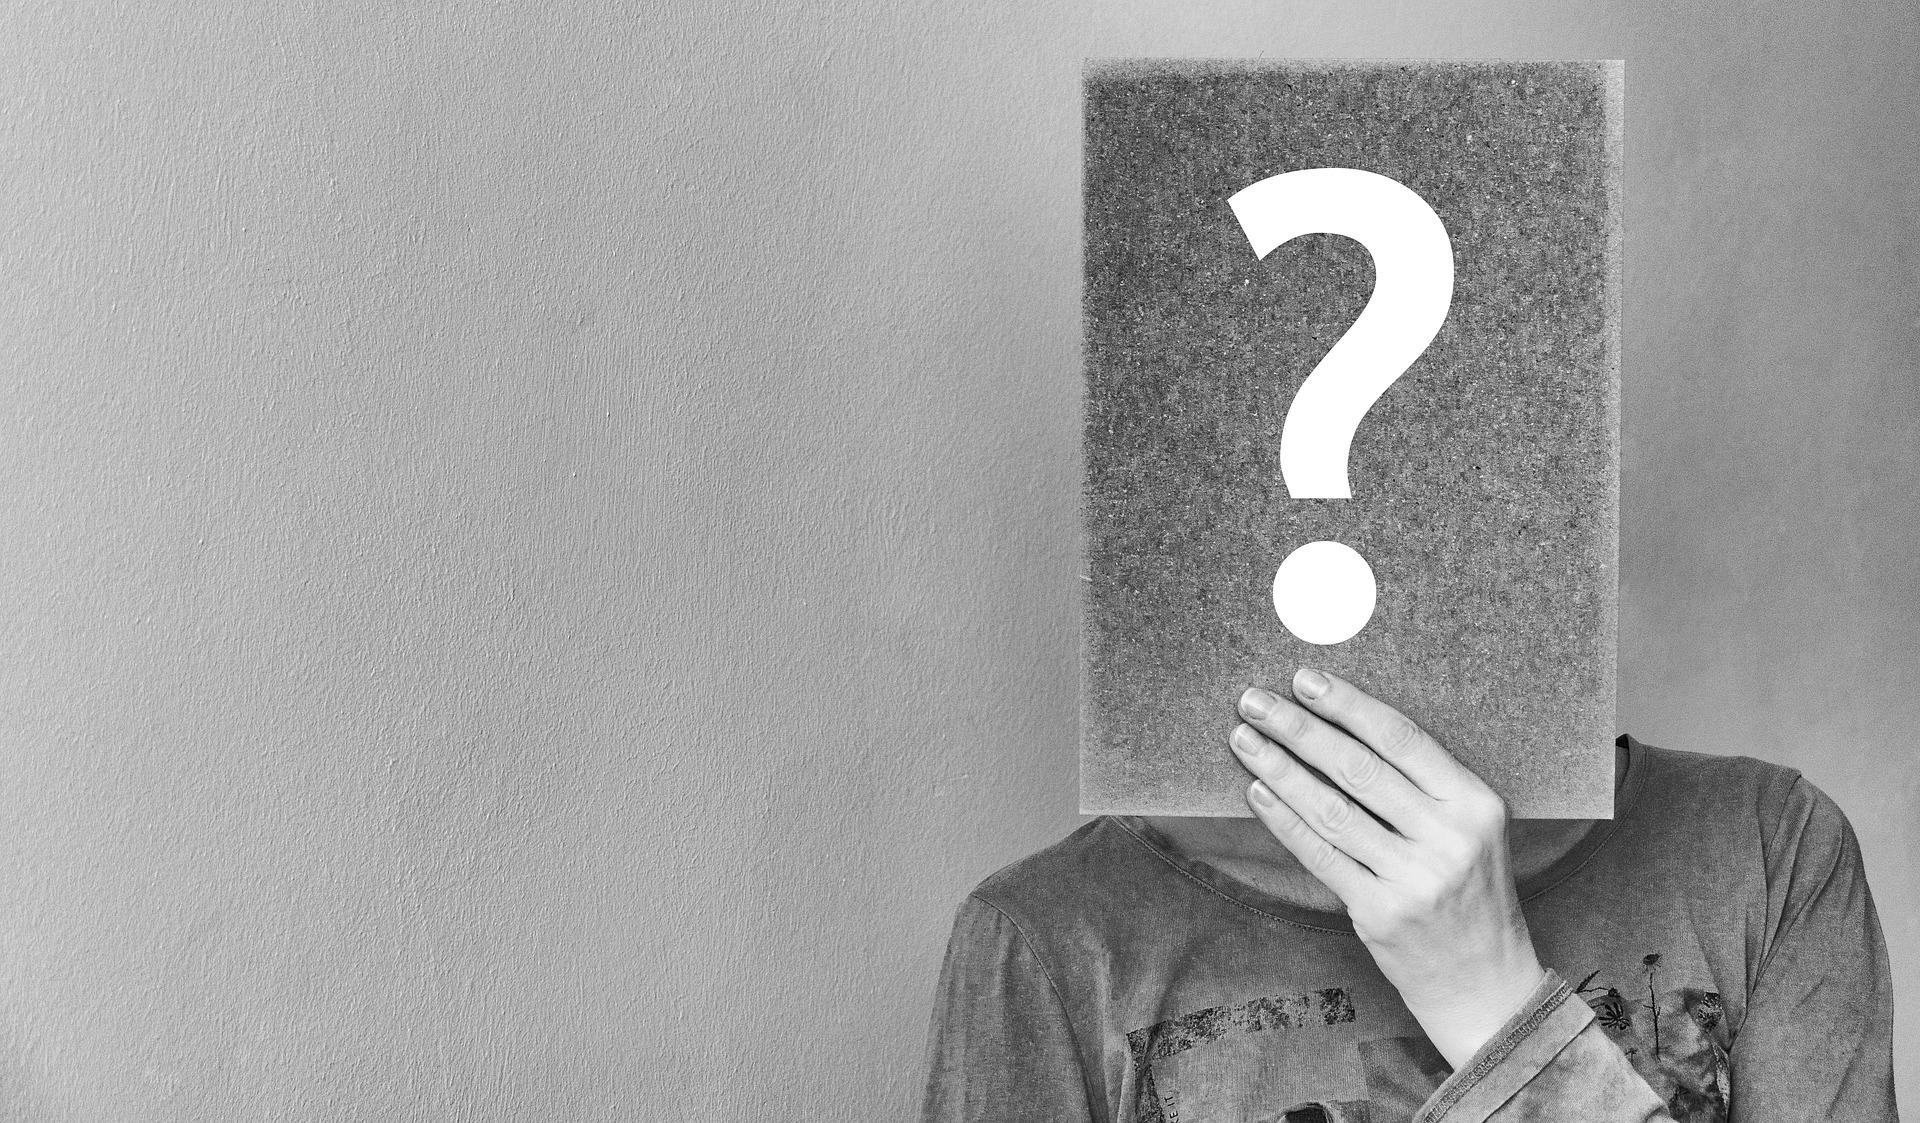 Große freelance.de Umfrage: Vor- und Nachteile als Freelancer